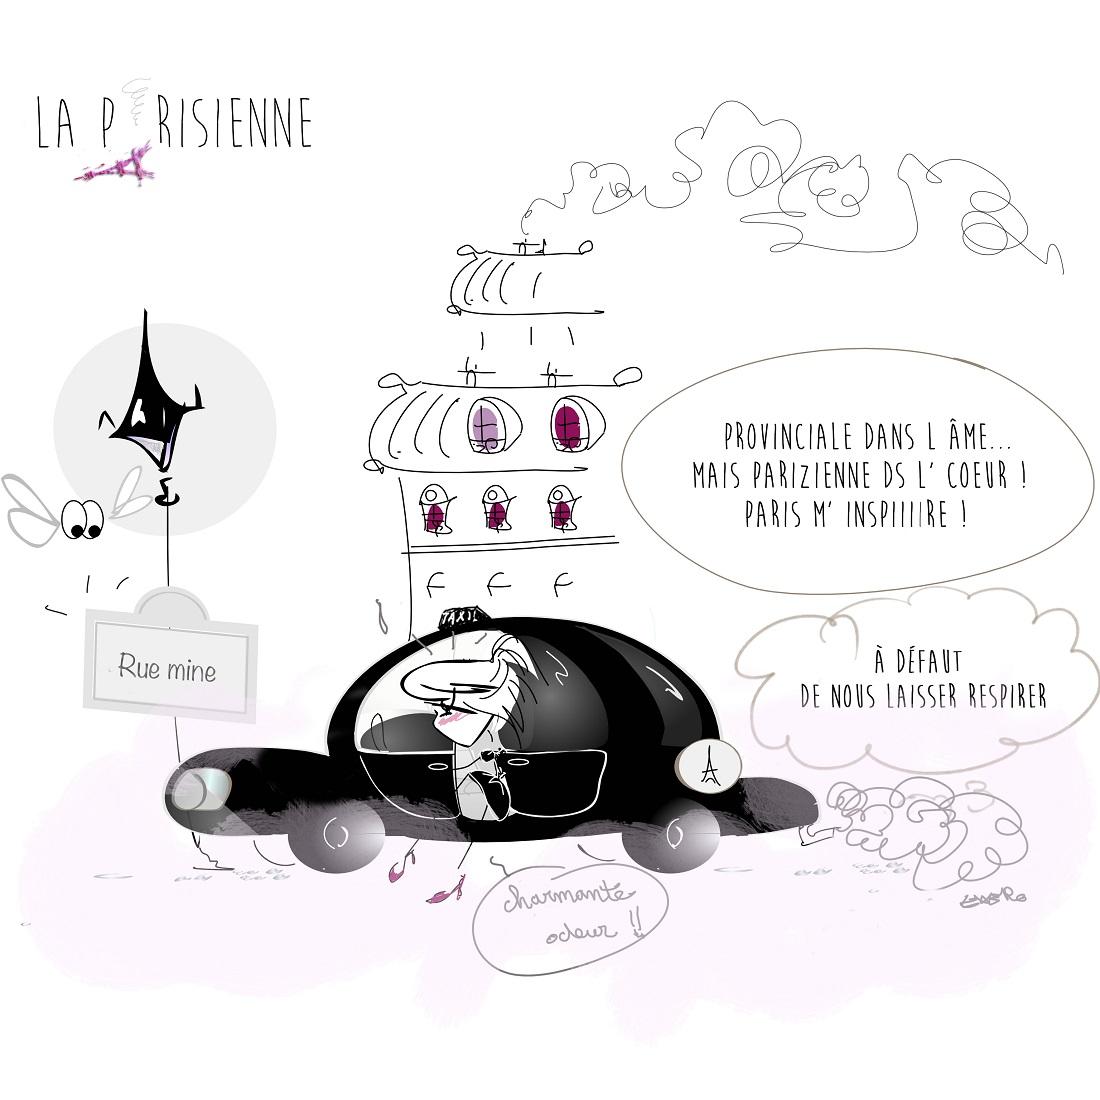 Dessin de la parizienne